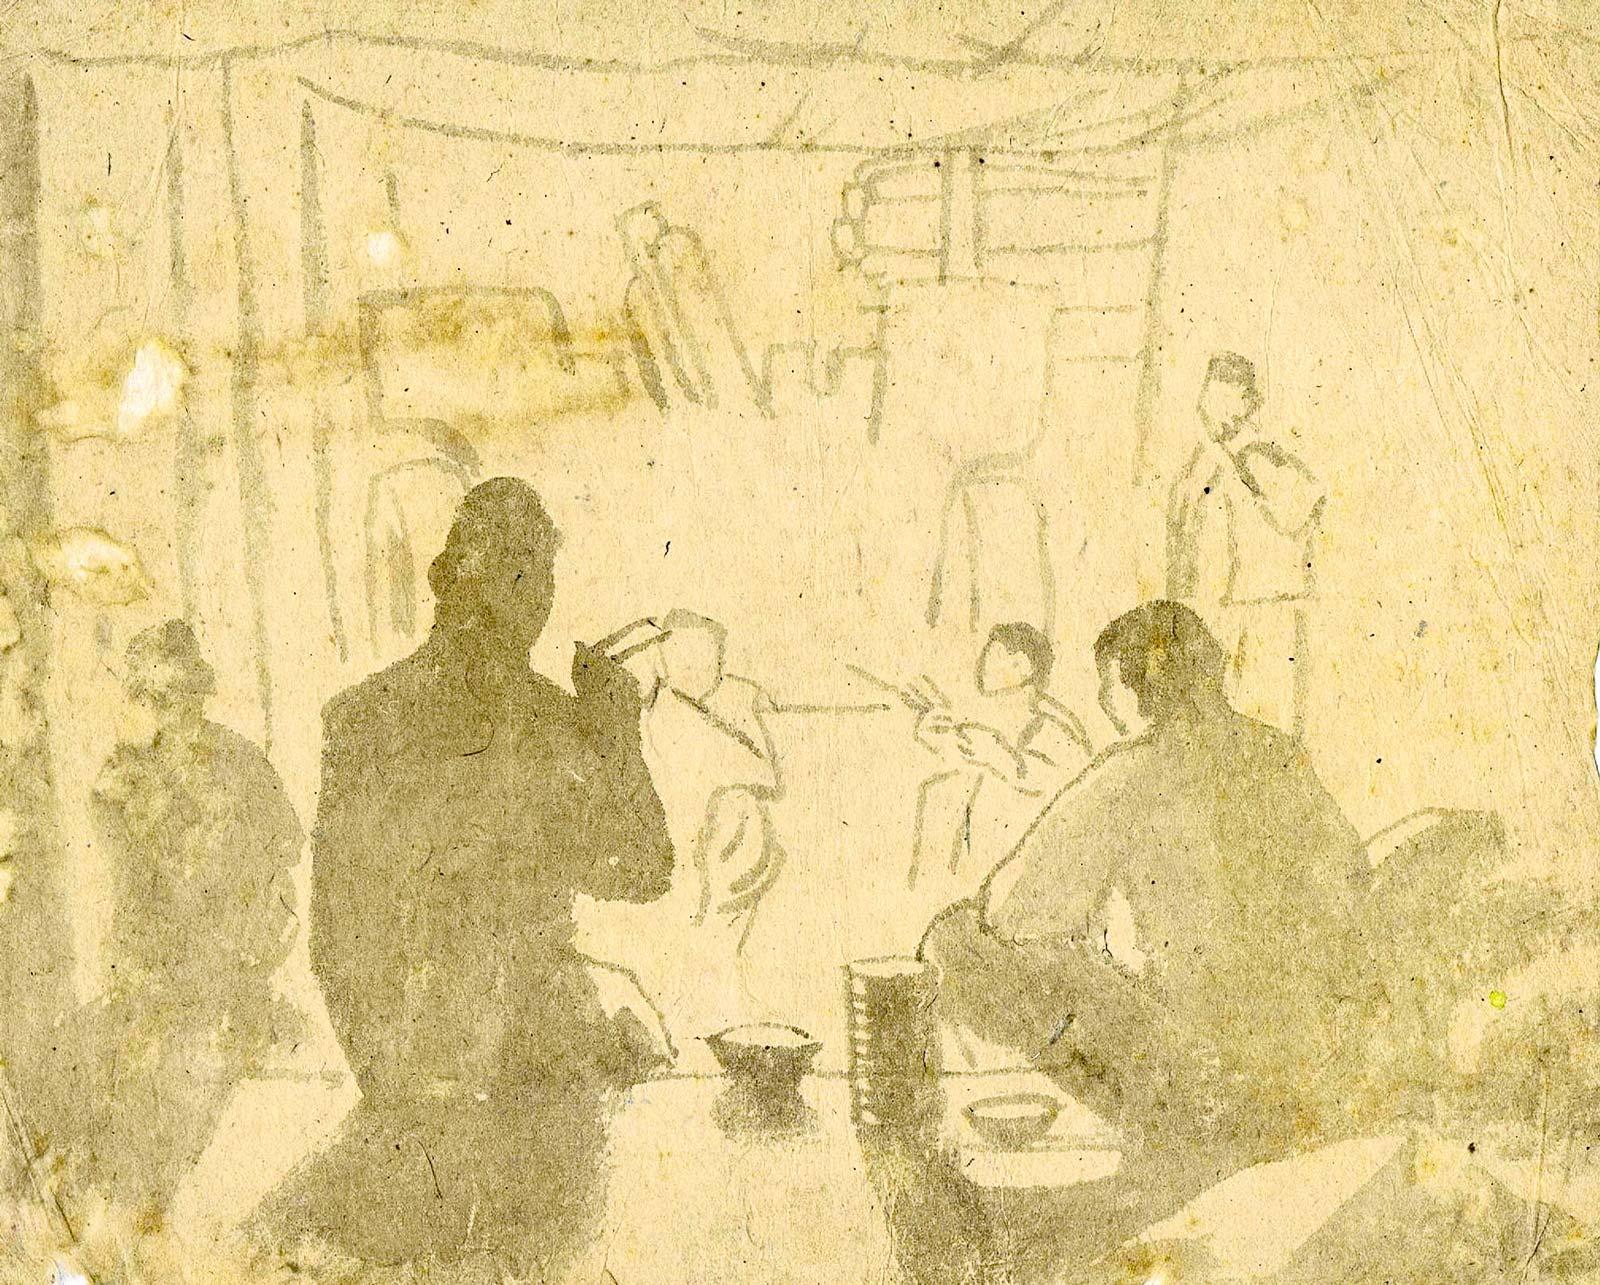 Sketch of soldiers eating in a bunker at Dien Bien Phu